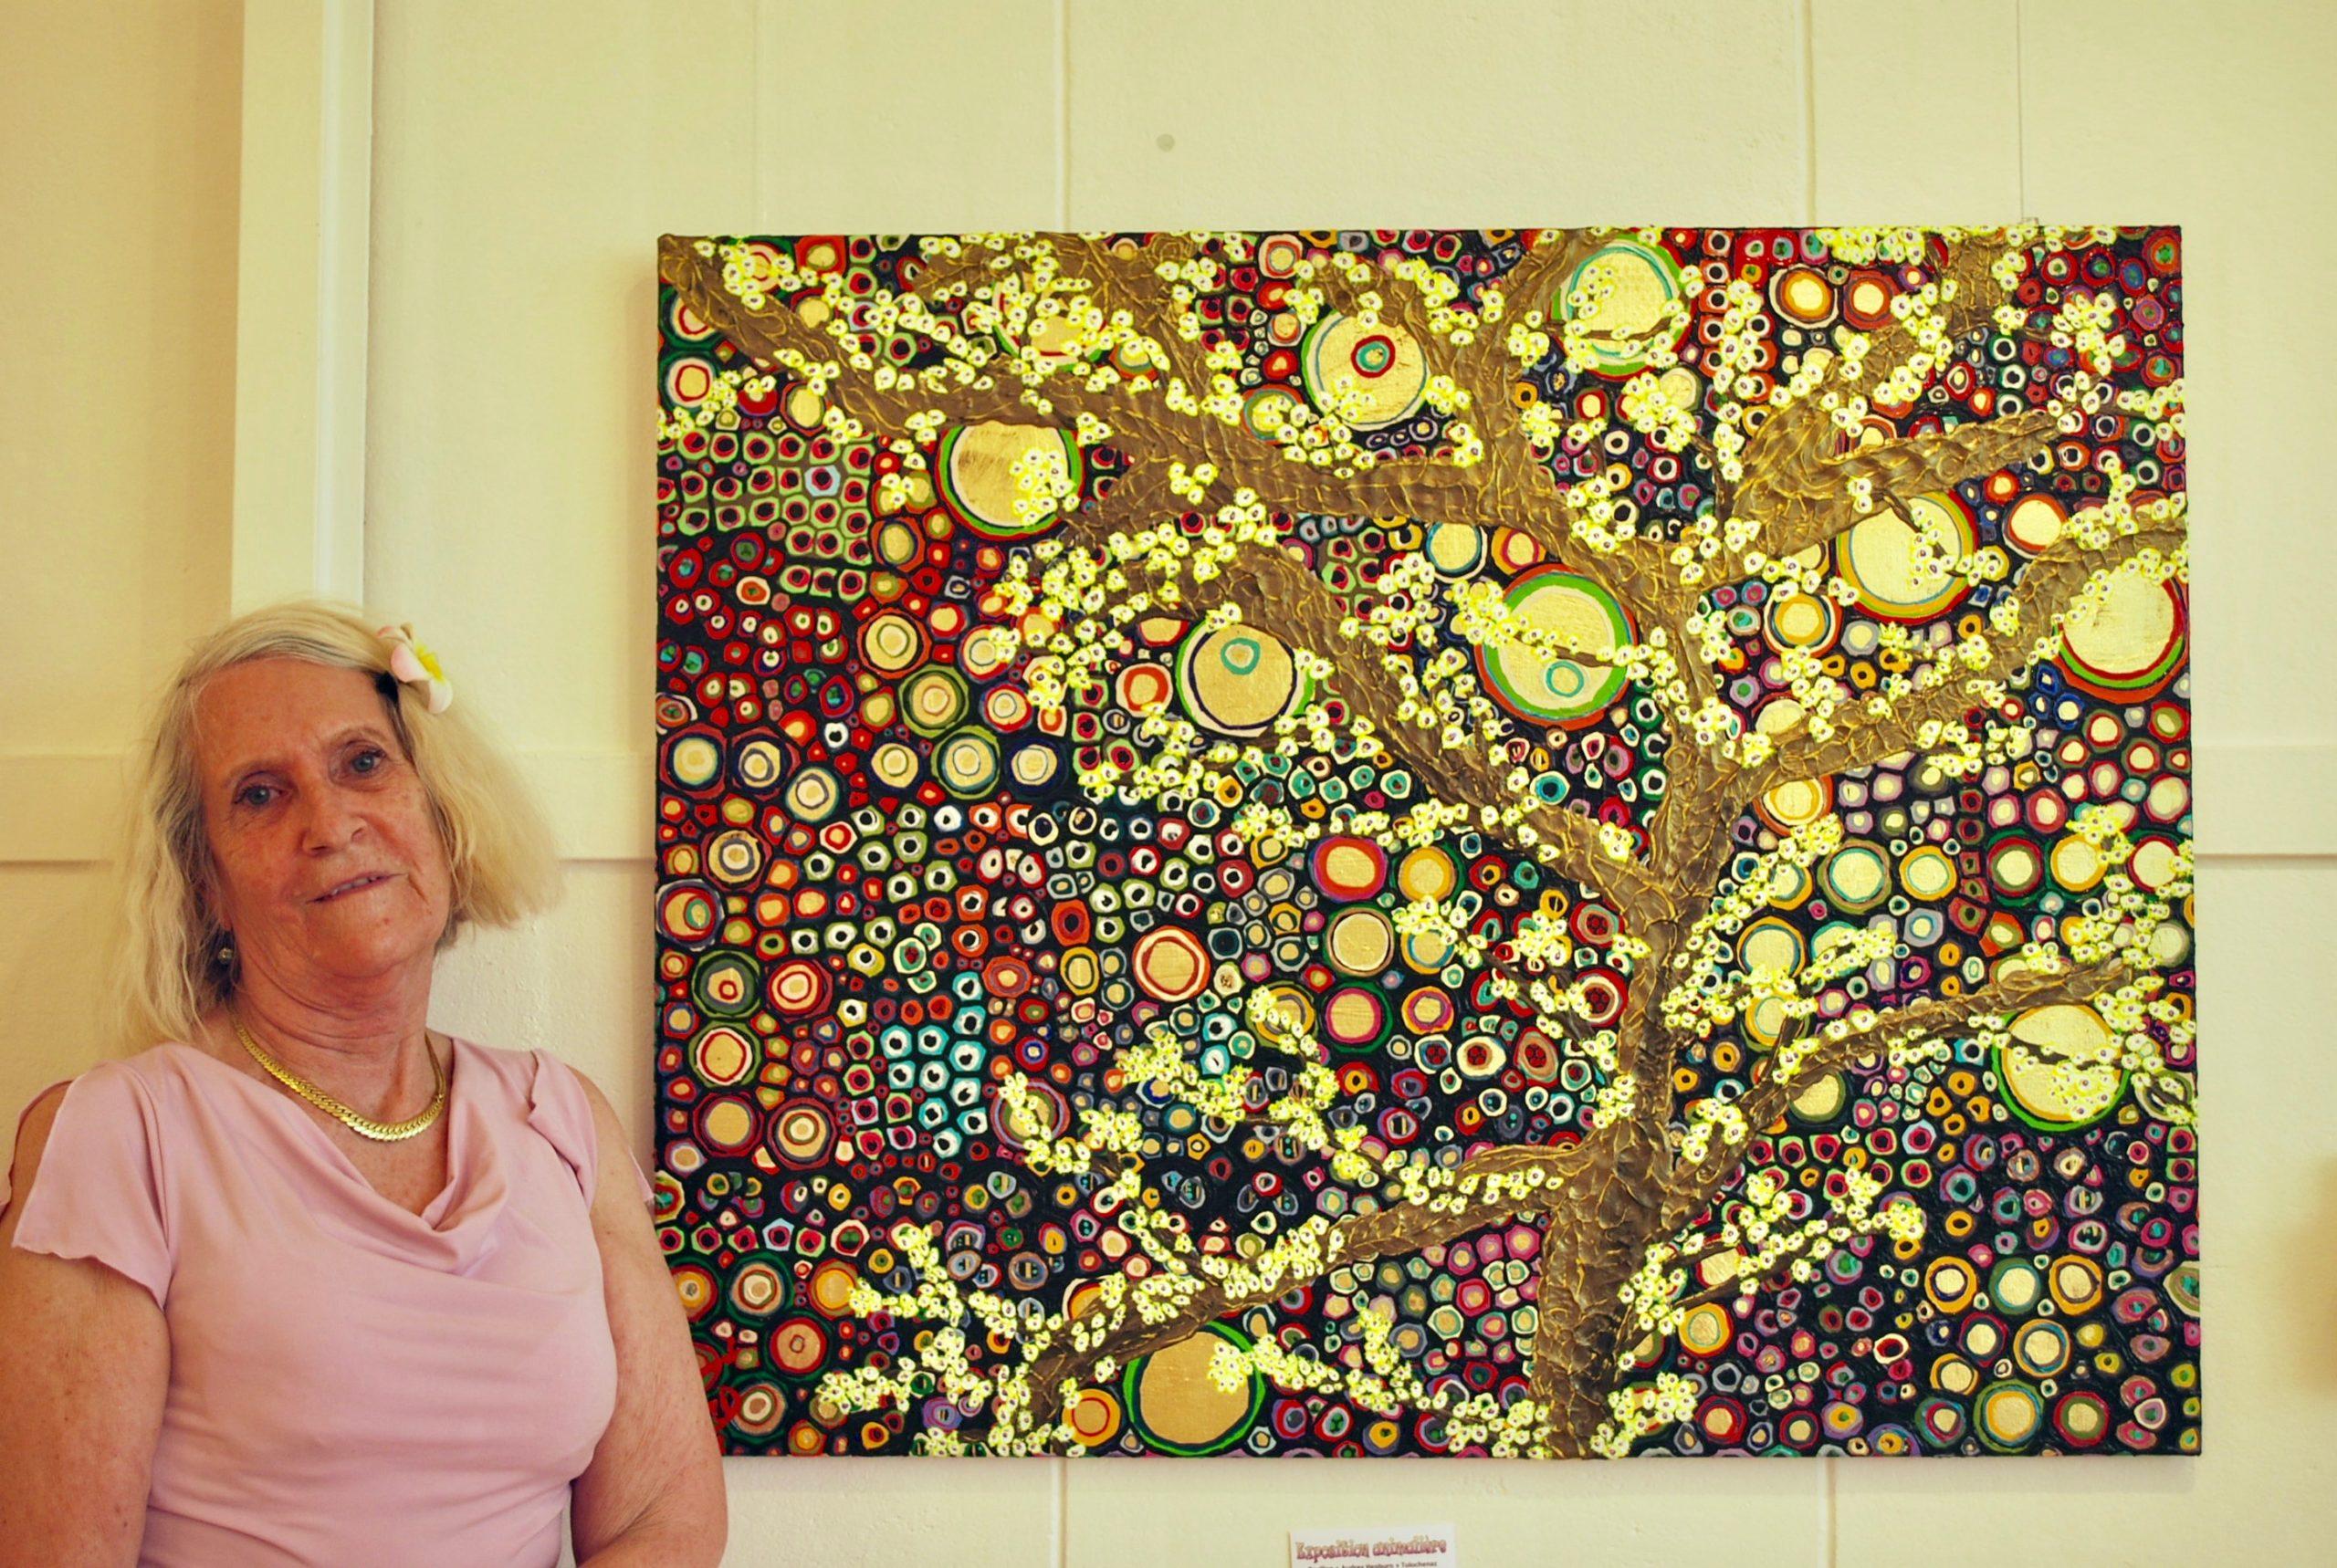 Vingt artistes exposent à Tolochenaz